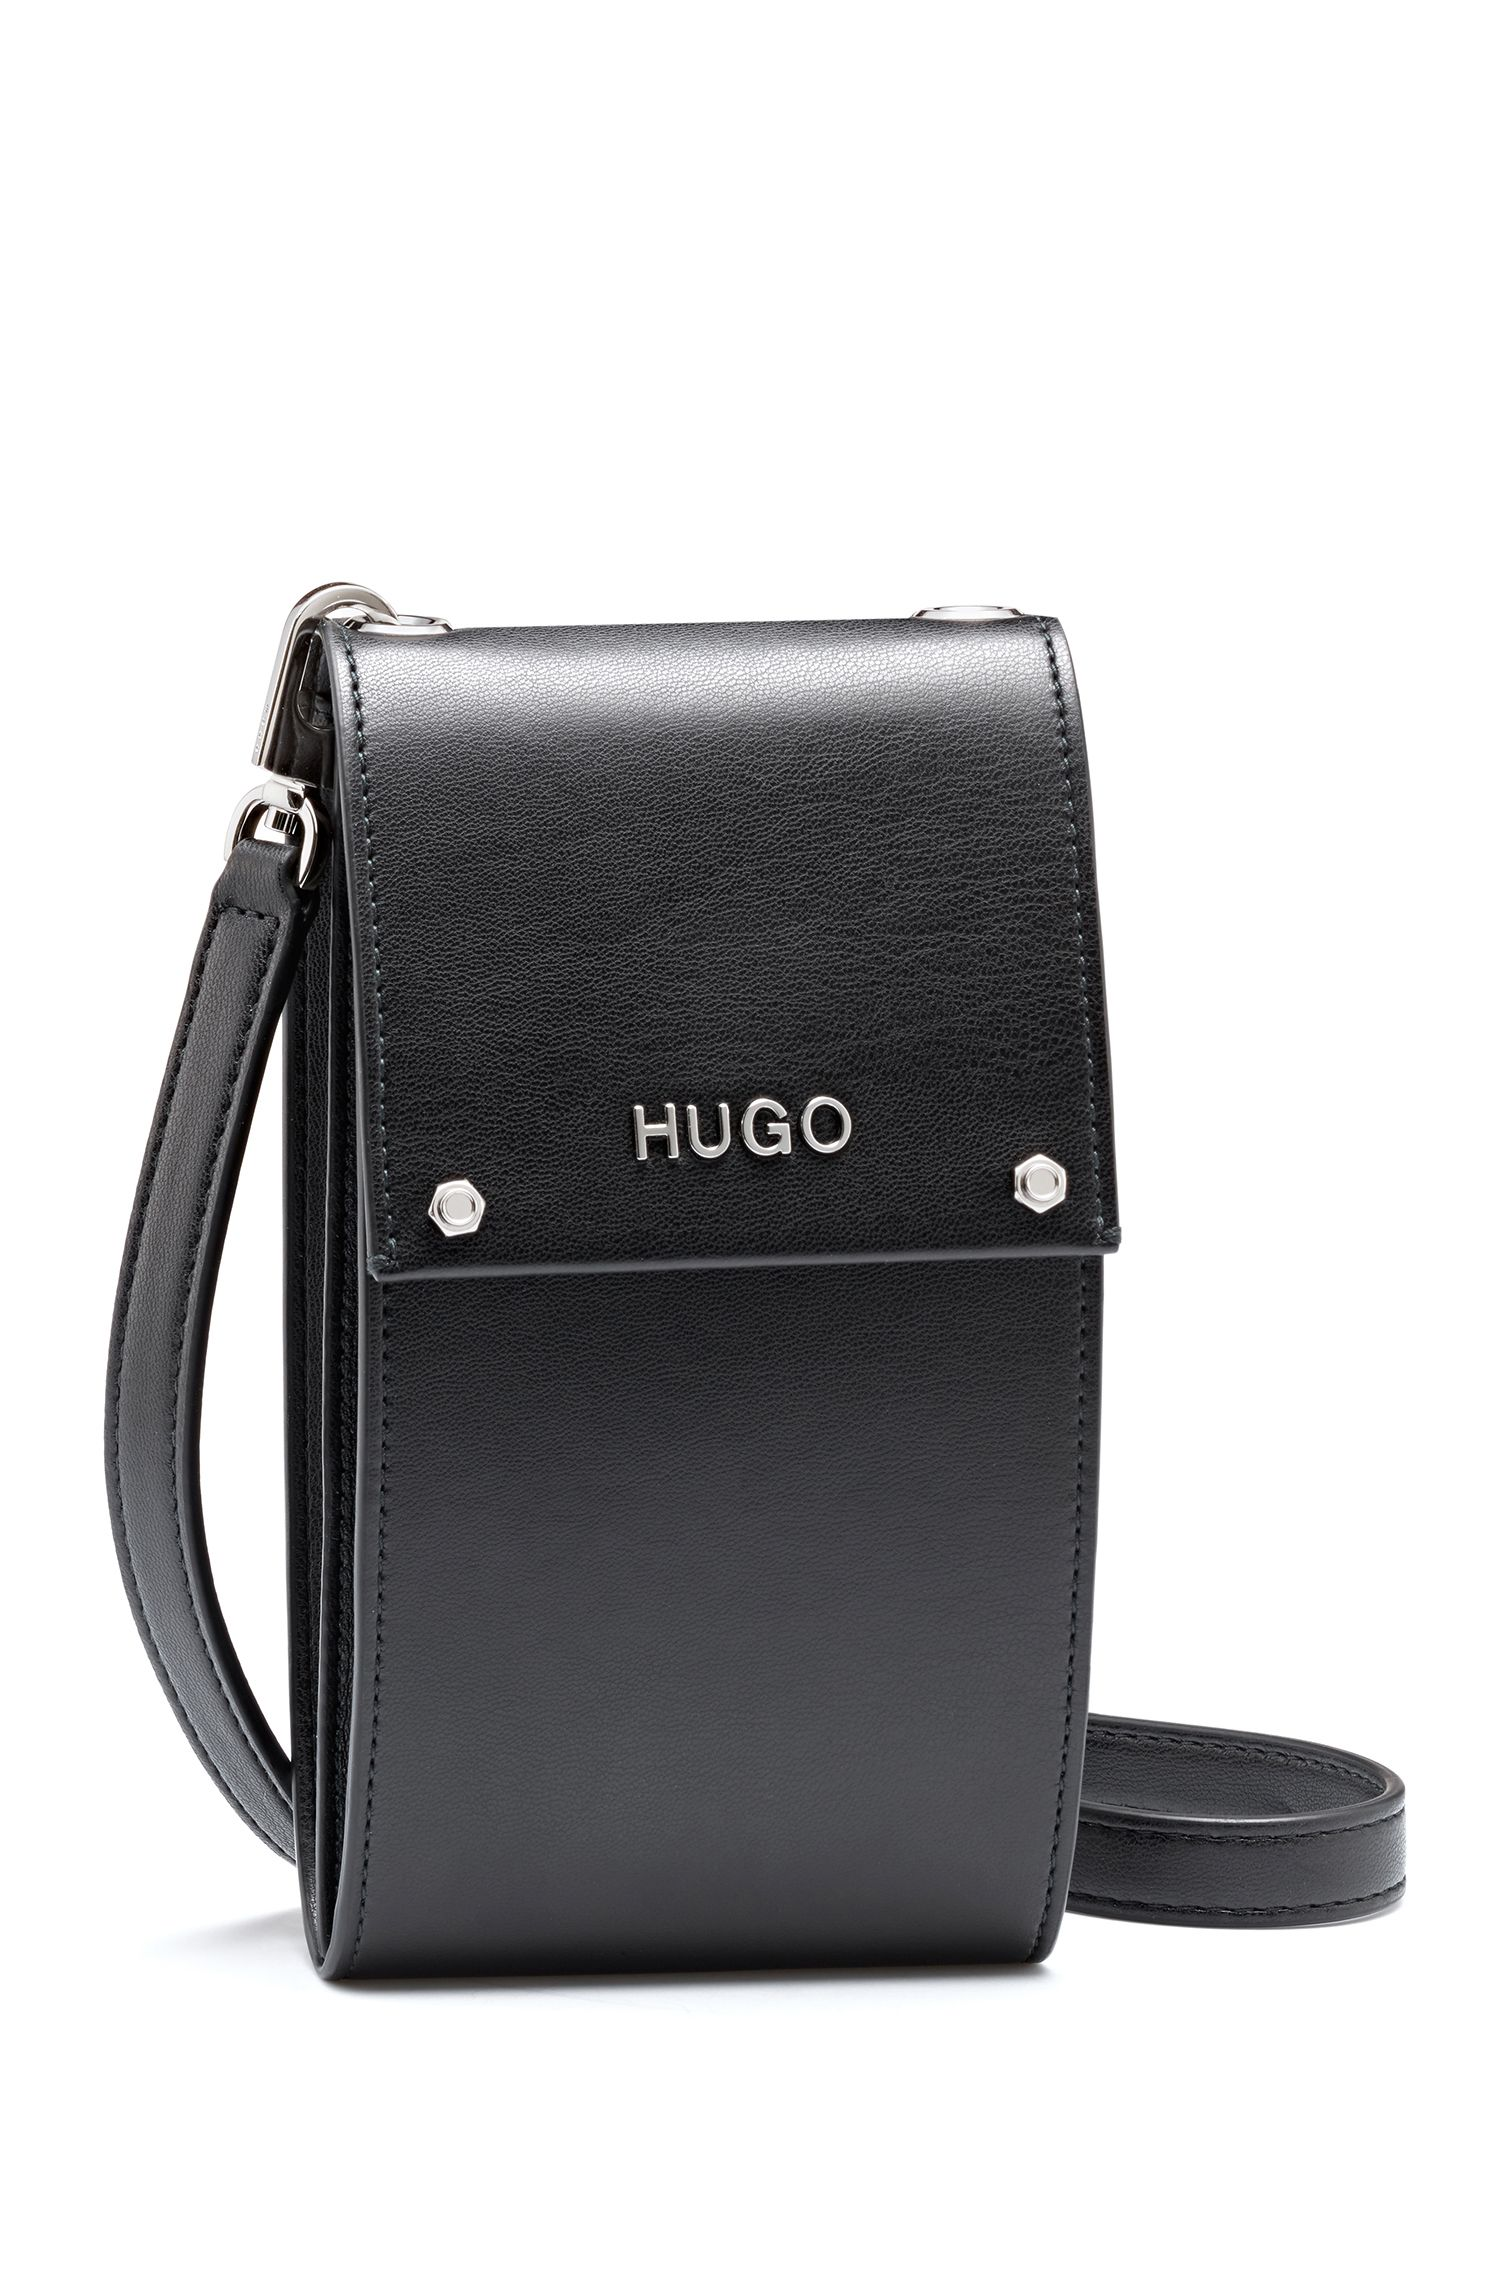 Étui à logo pour téléphone portable en similicuir, Noir